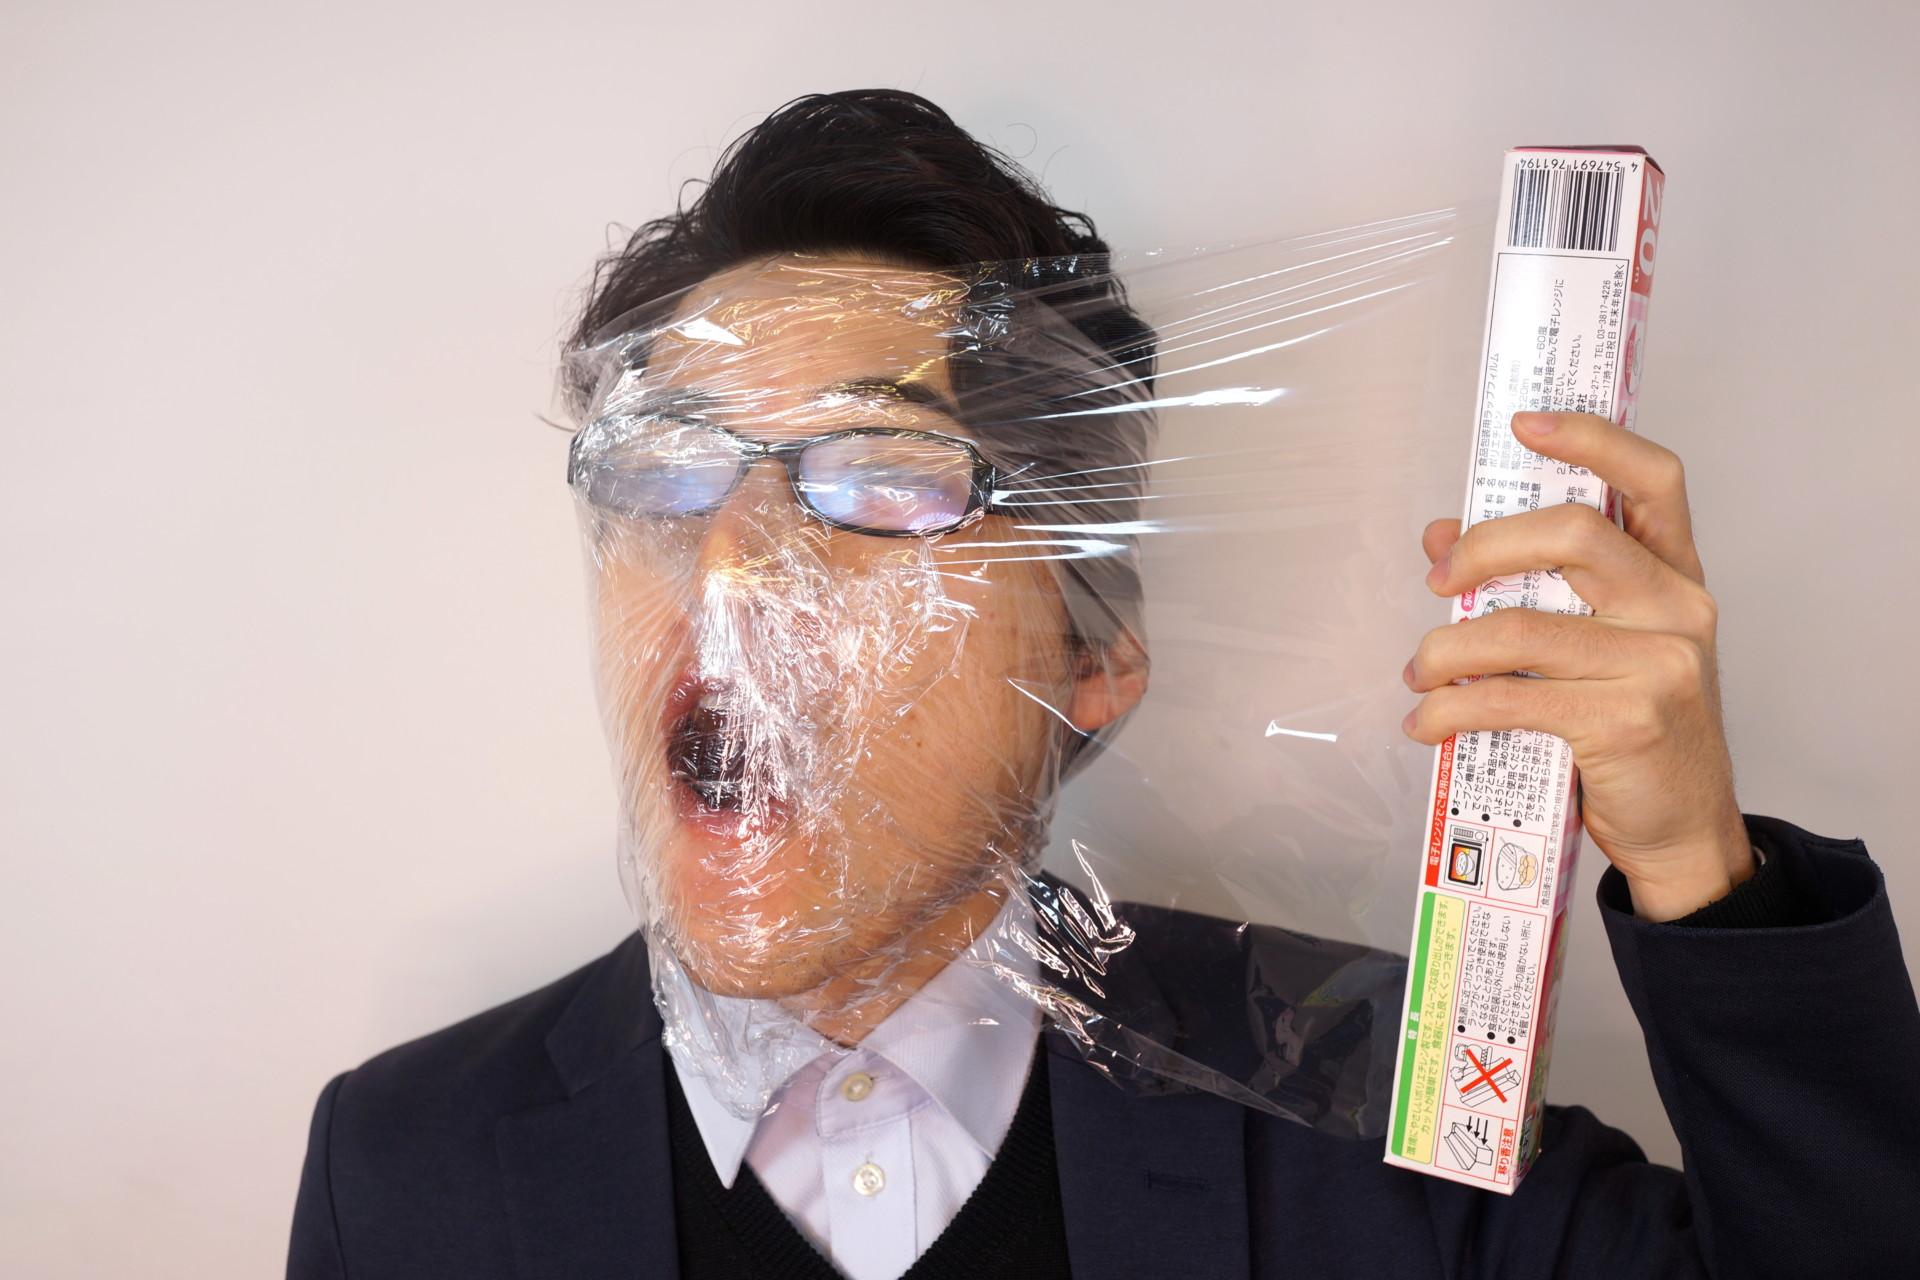 フリー画像素材】マスクが売ってないからサランラップを巻いて風邪を予防する男性 – フリー素材のAPhoto(アフォト)